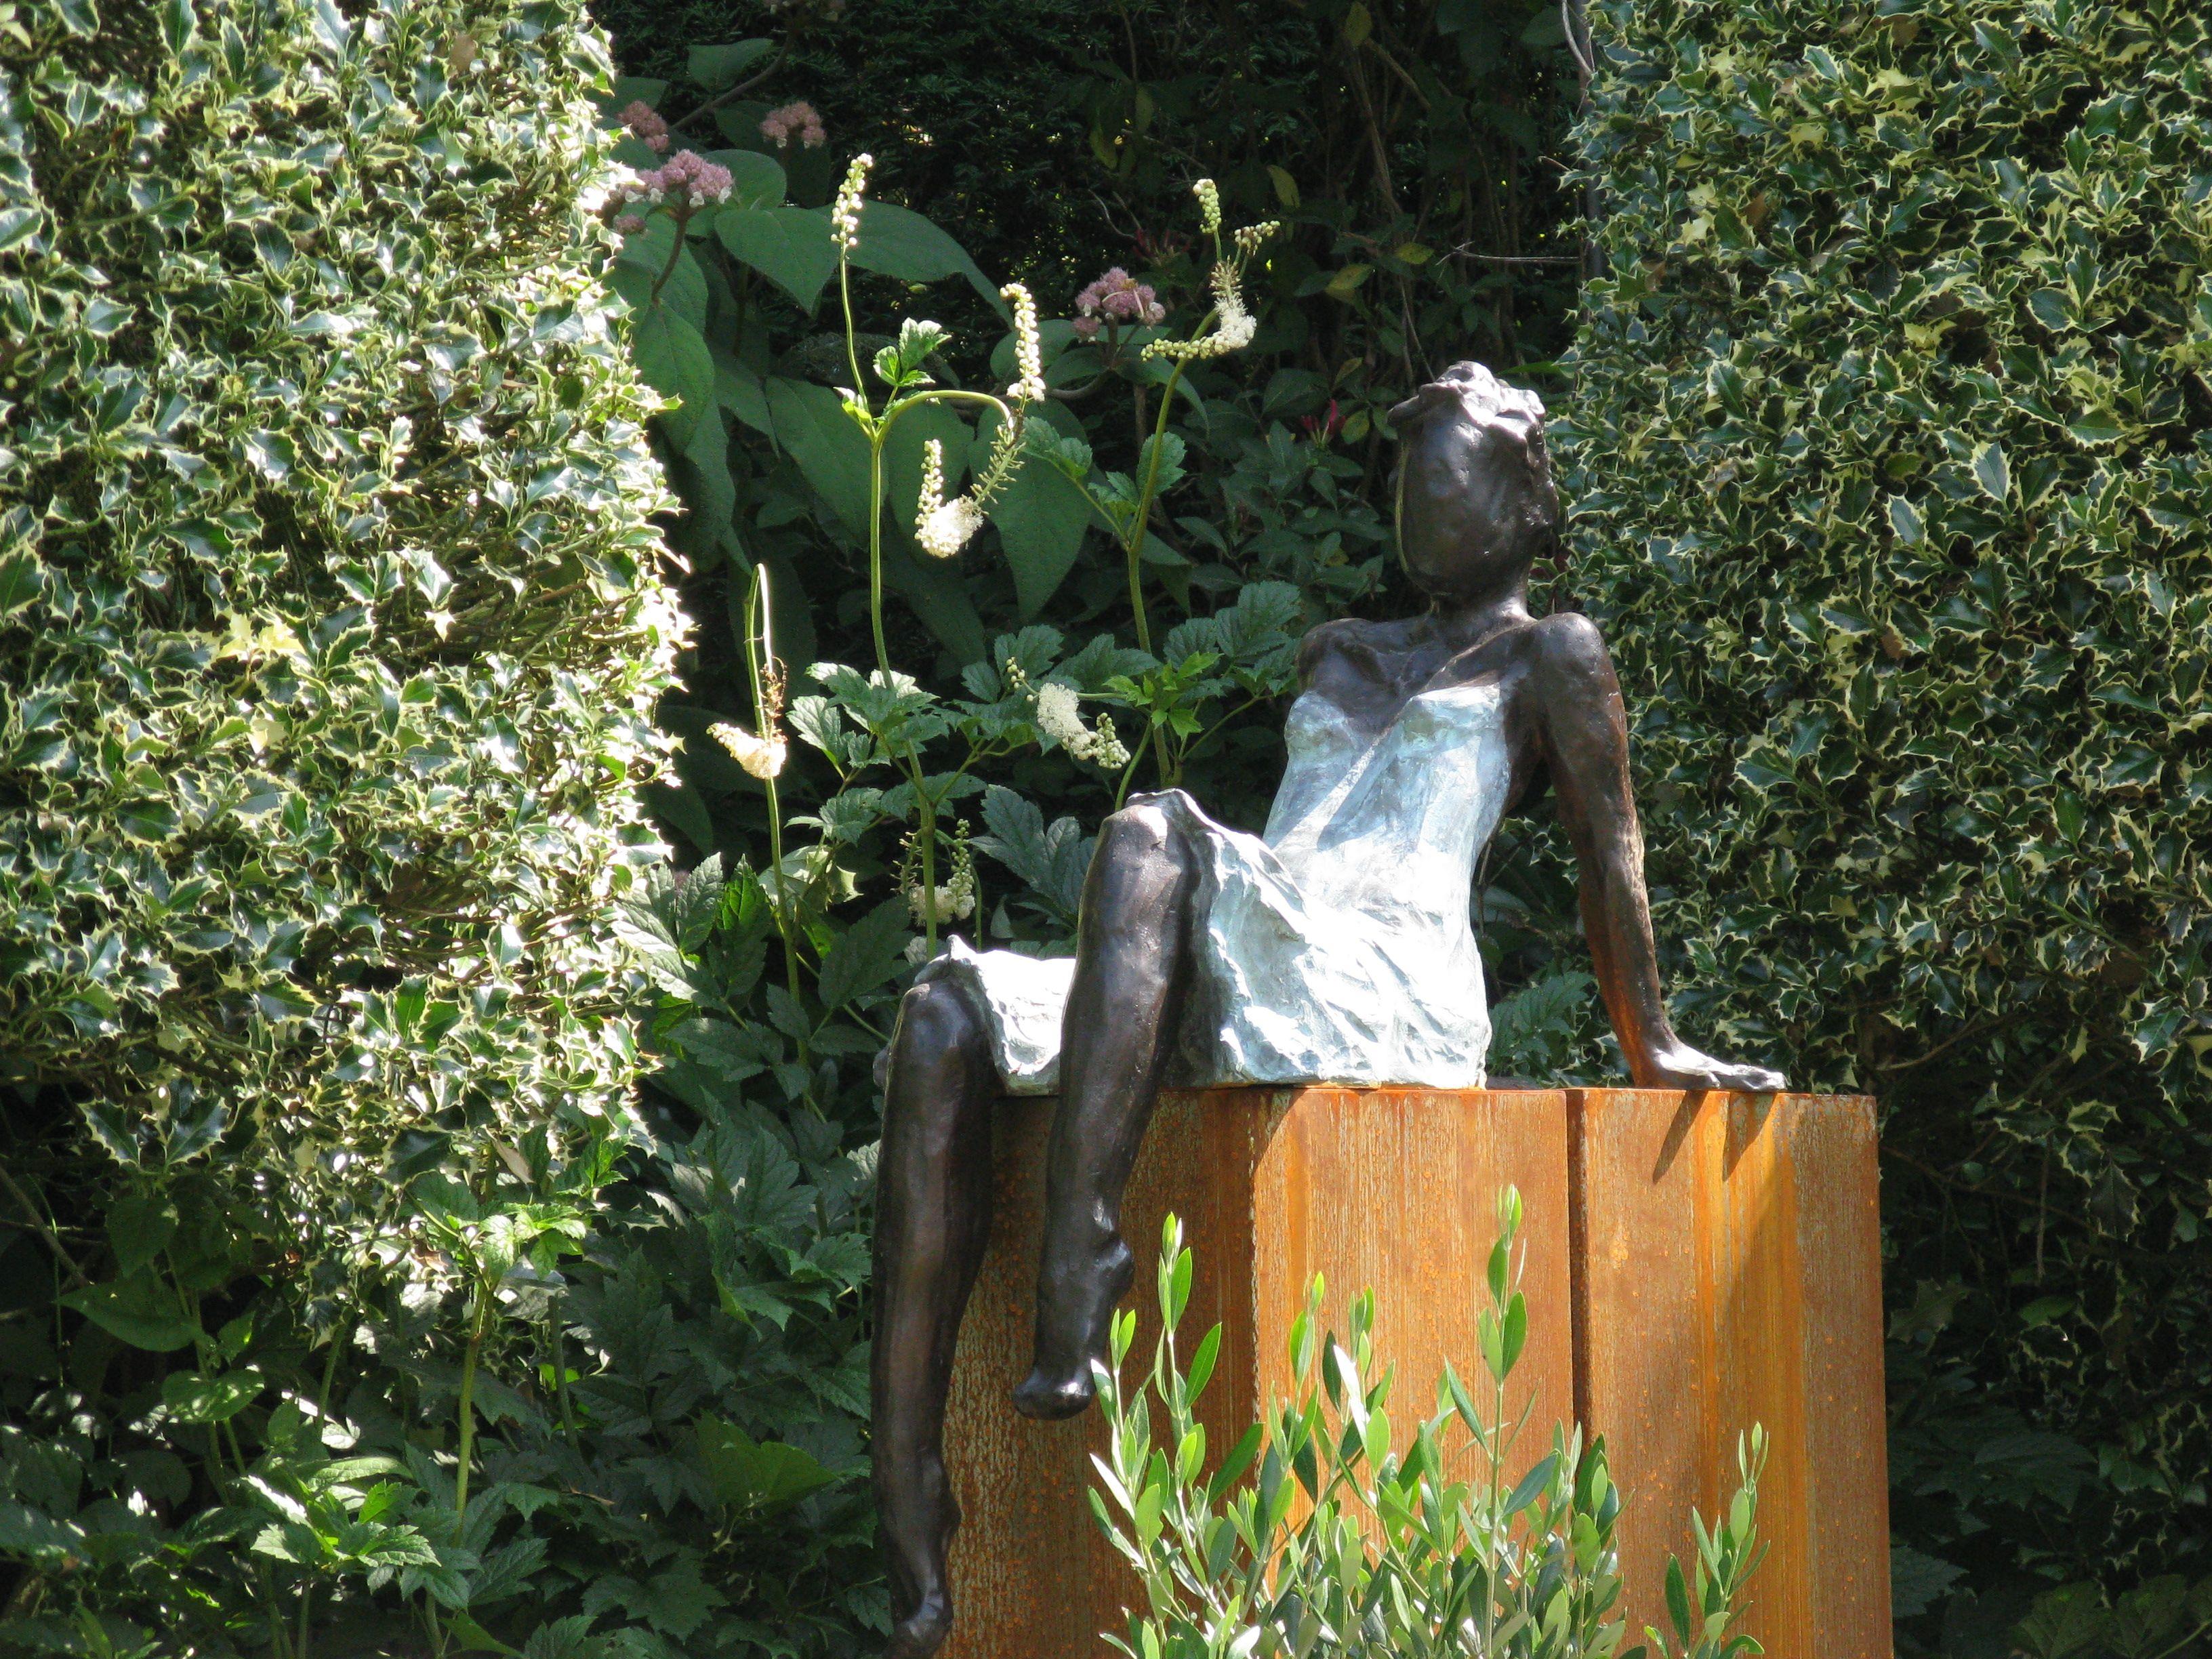 Tuinbeelden Brons Tuin : Bronzen beeld voor de tuin bronzen tuinbeeld beeld in de tuin